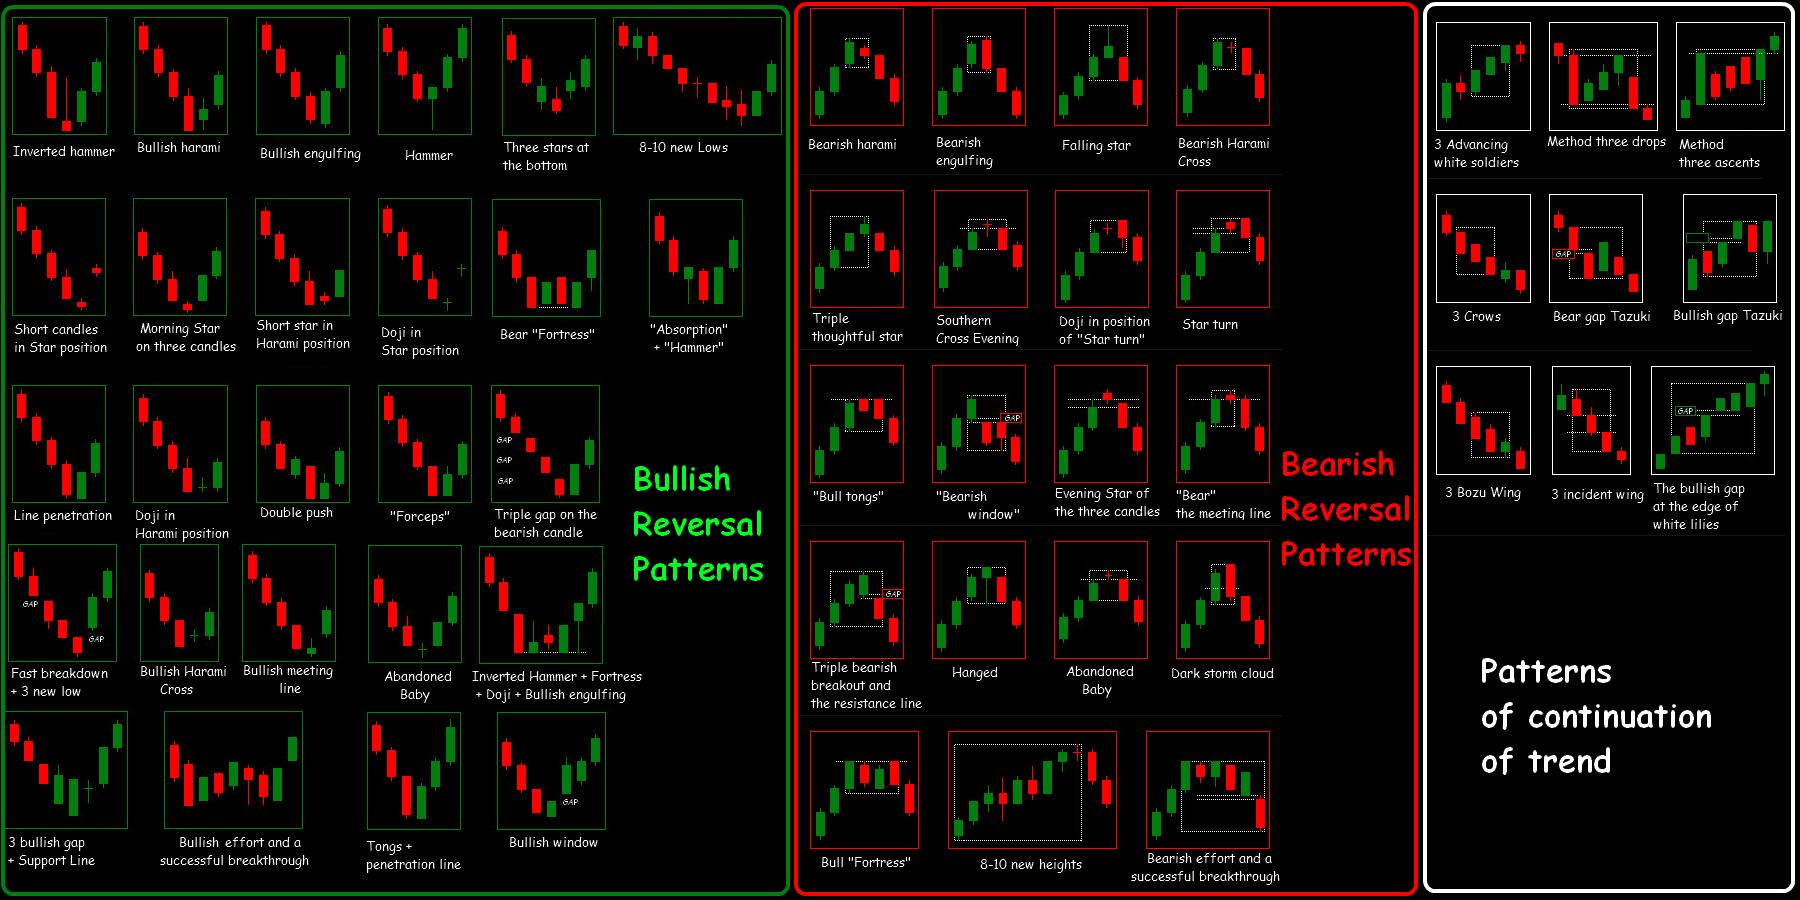 A bináris opciókba történő befektetés előnyei